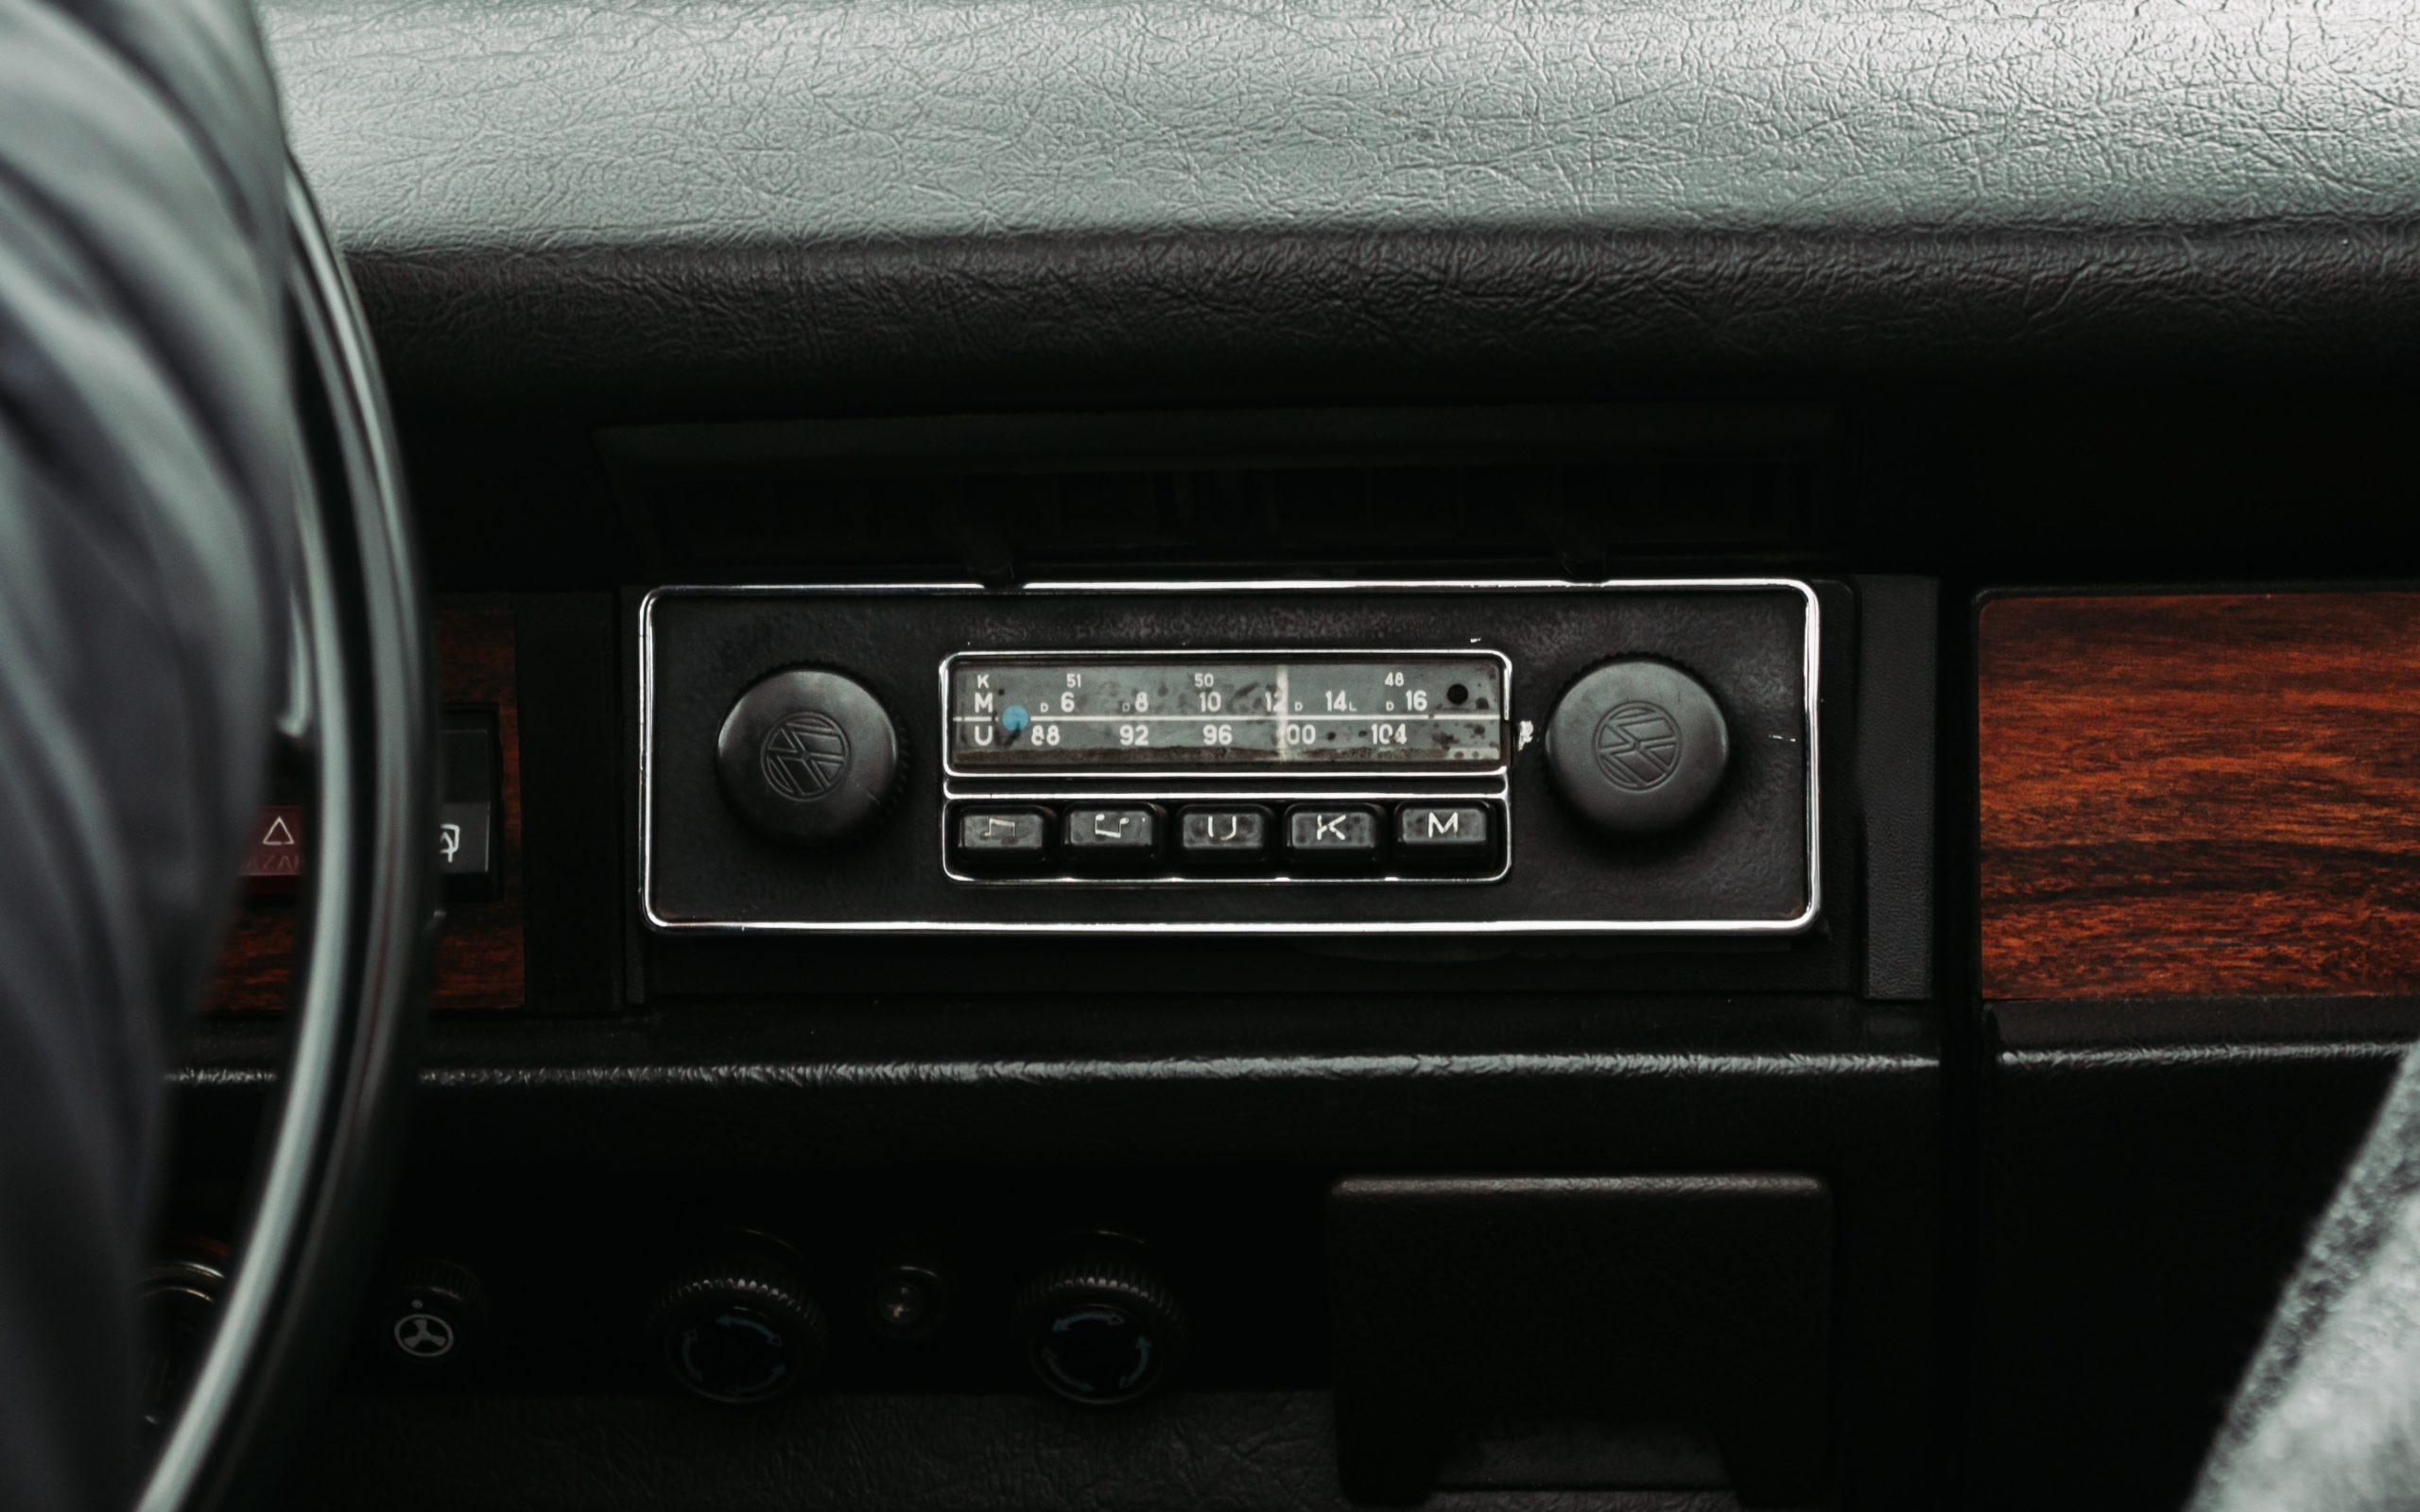 Radio im Auto: Audio spielt zentrale Rolle und ist kaufentscheidend